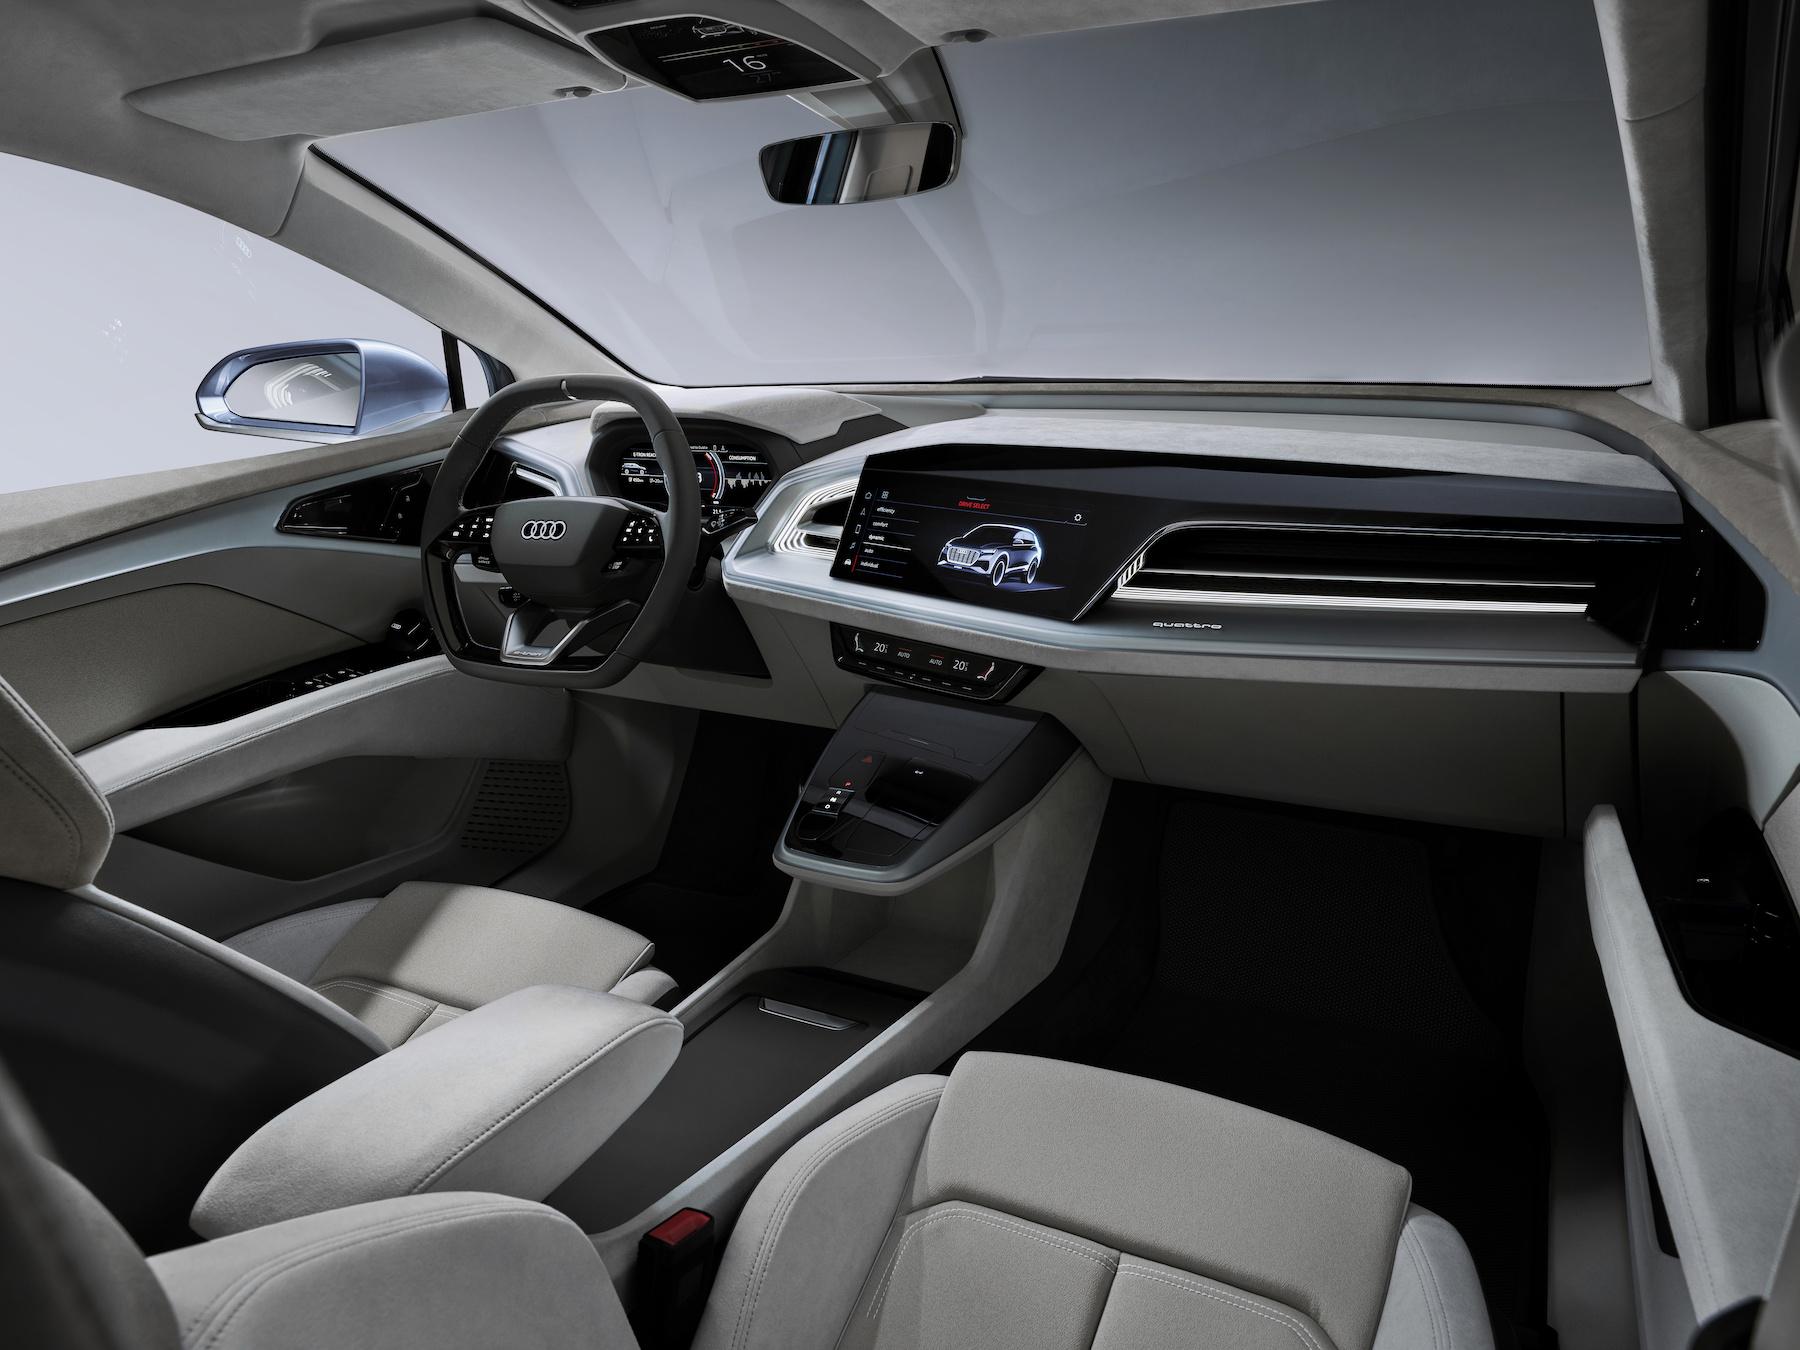 Compact à l'extérieur, immense à l'intérieur: l'Audi Q4 e-tron concept est conçu pour le confort du conducteur et des passagers. (AUDI)